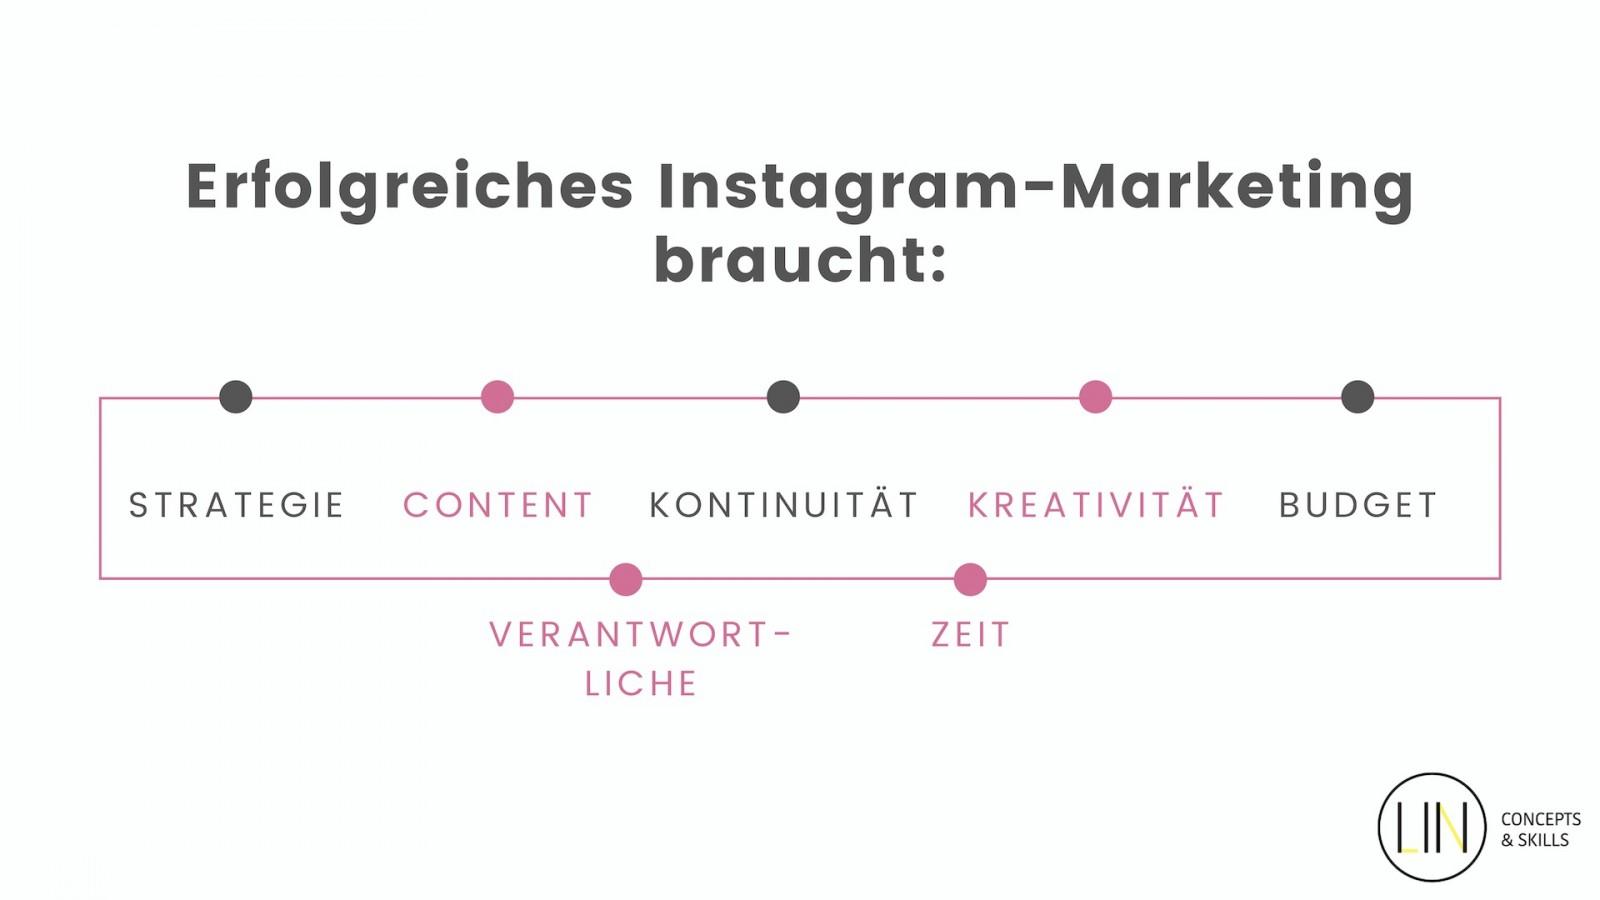 Um auf Instagram erfolgreich zu sein, braucht es eine Strategie und Verantwortliche (Grafik: Linda Tillmann)